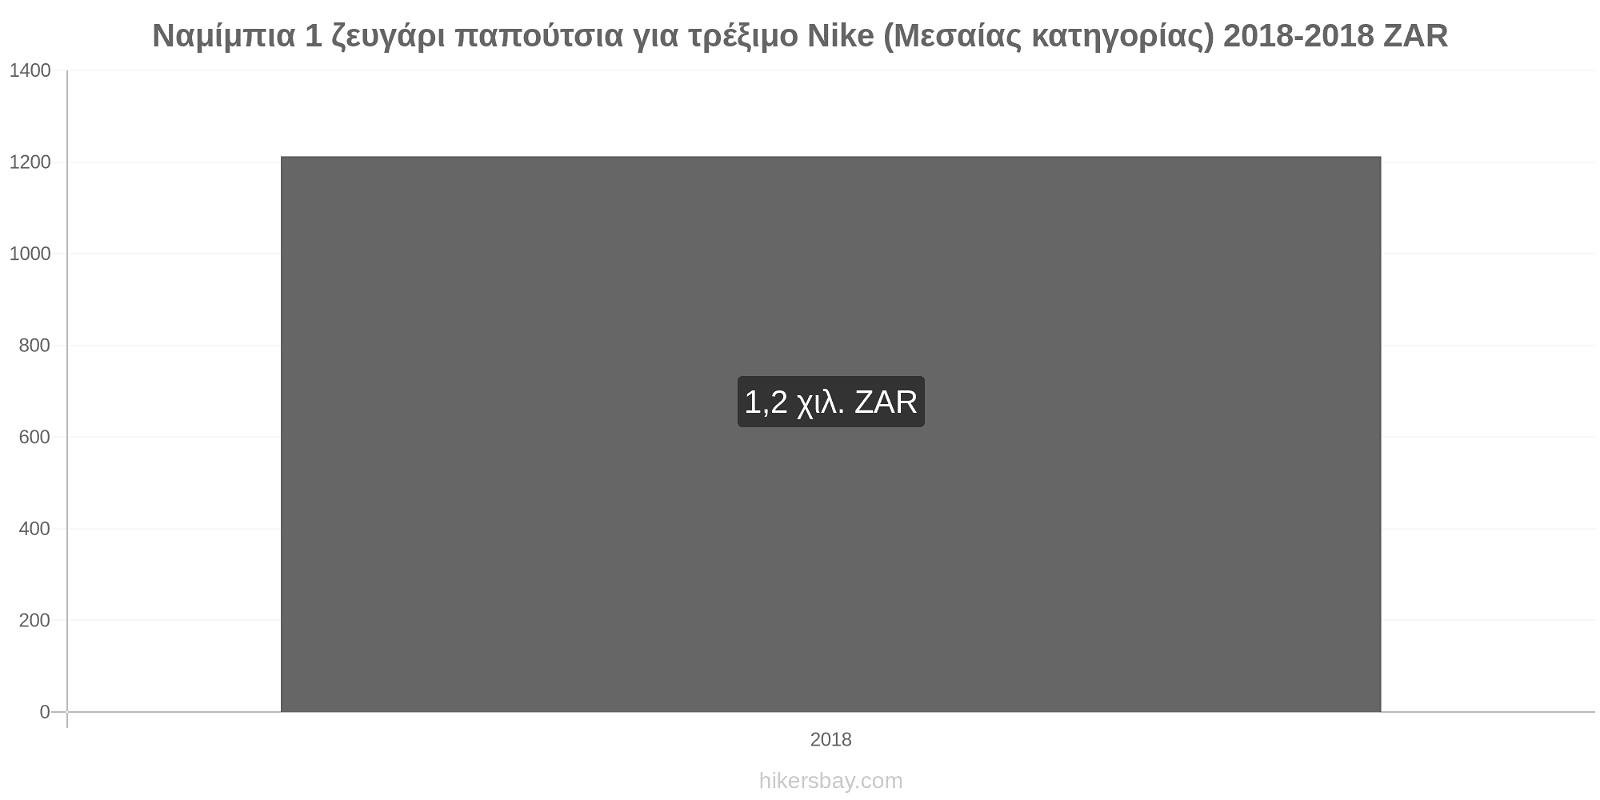 Ναμίμπια αλλαγές τιμών 1 ζευγάρι παπούτσια για τρέξιμο Nike (Μεσαίας κατηγορίας) hikersbay.com